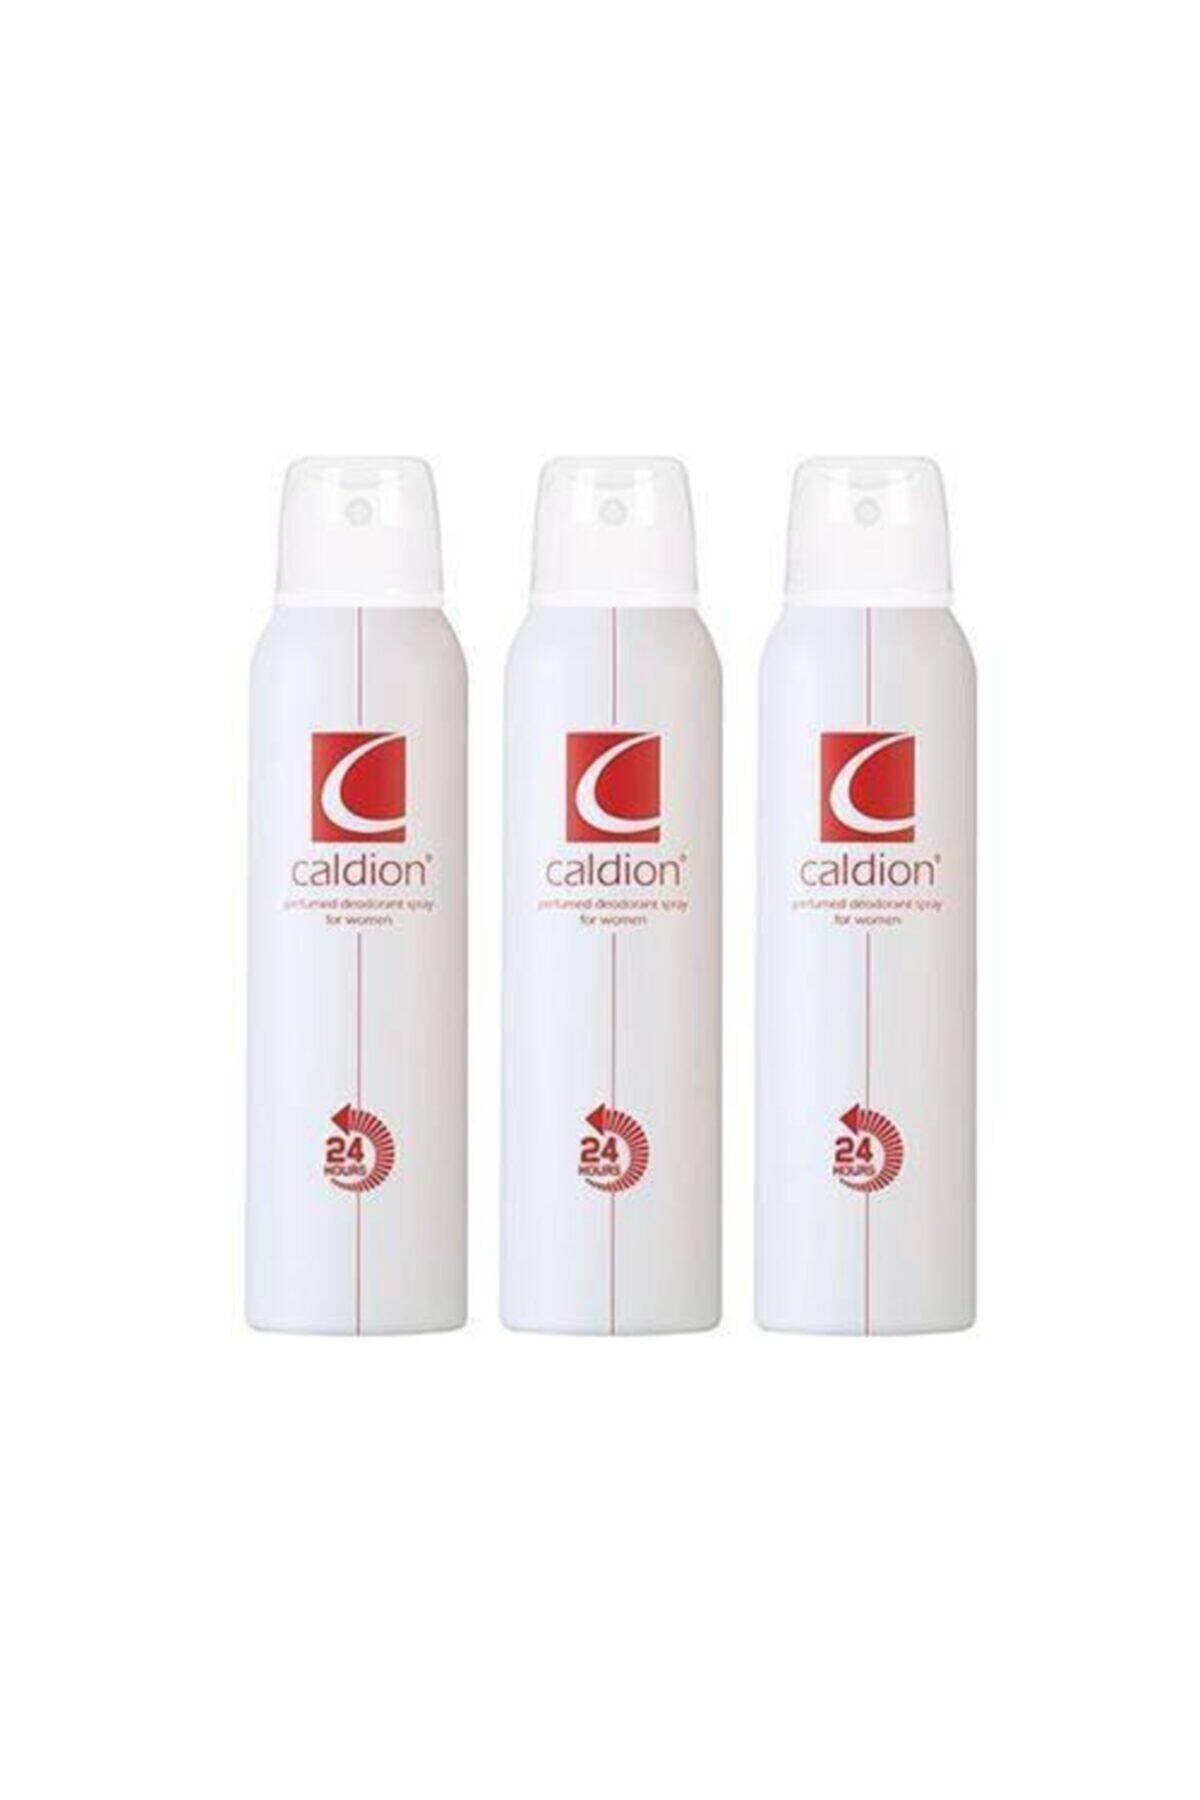 Caldion Kadın Deodorant 150 ml X 3 Adet 1